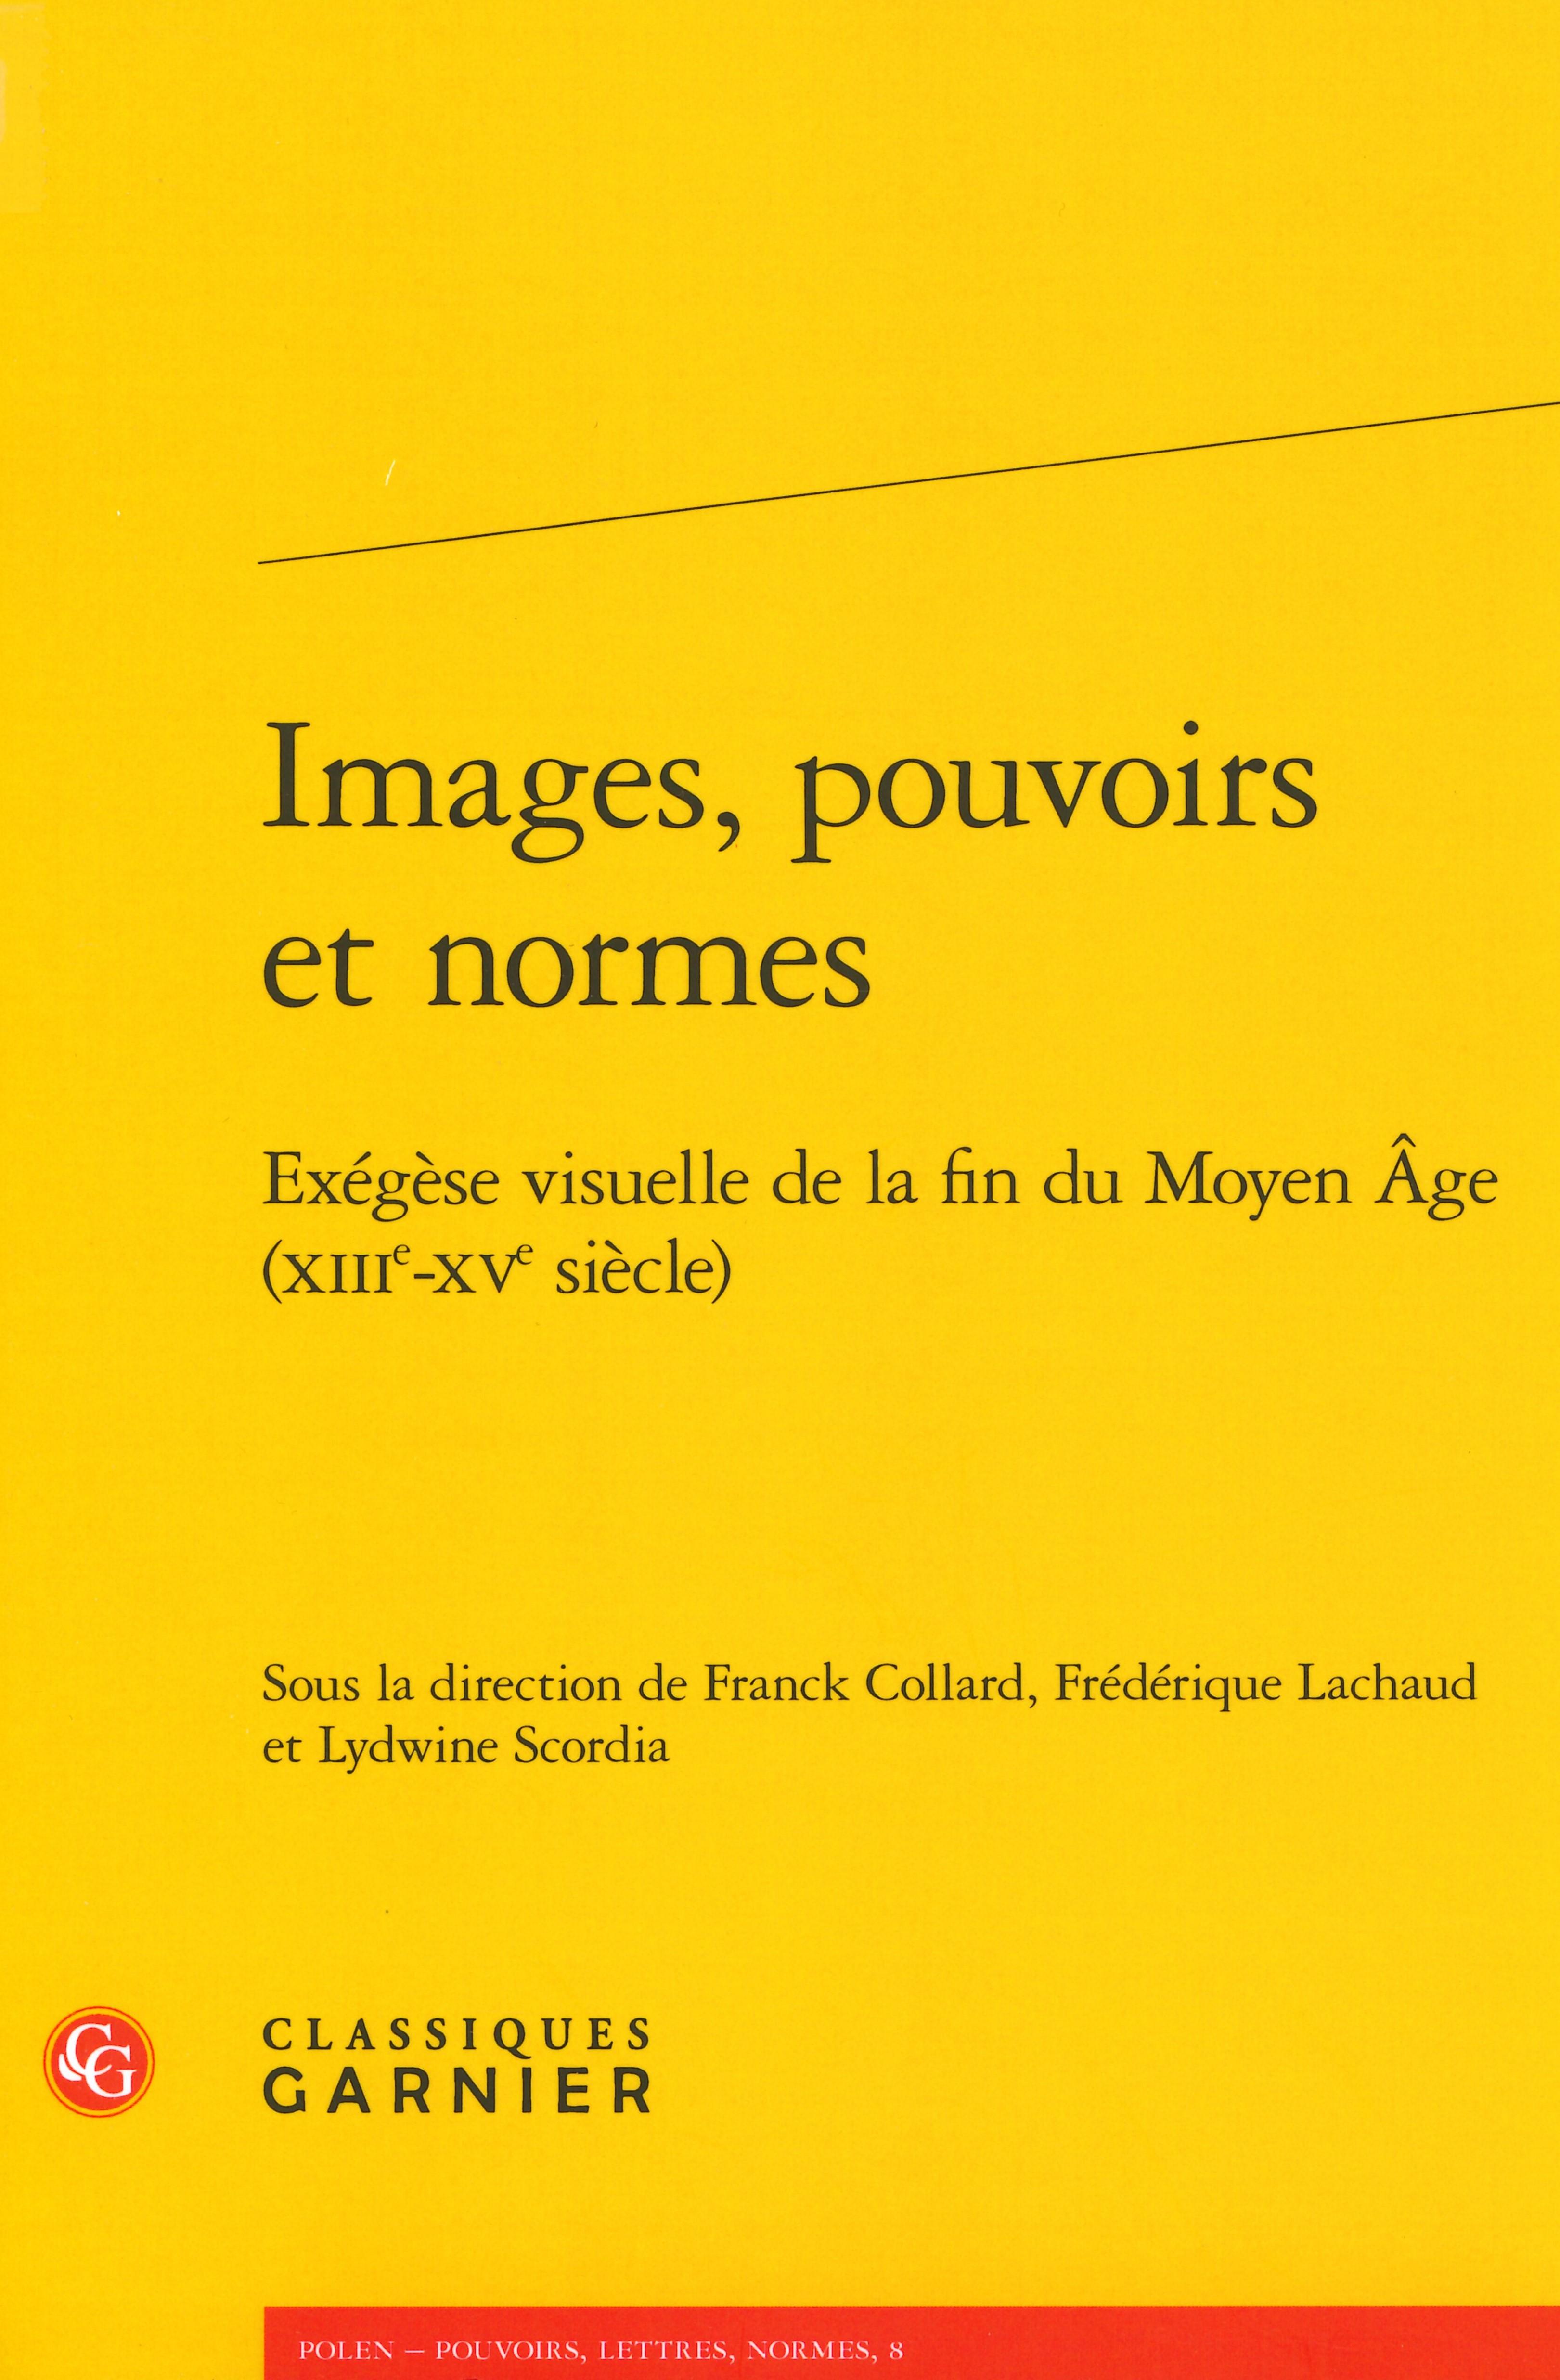 images_pouvoirs_et_normes.jpg